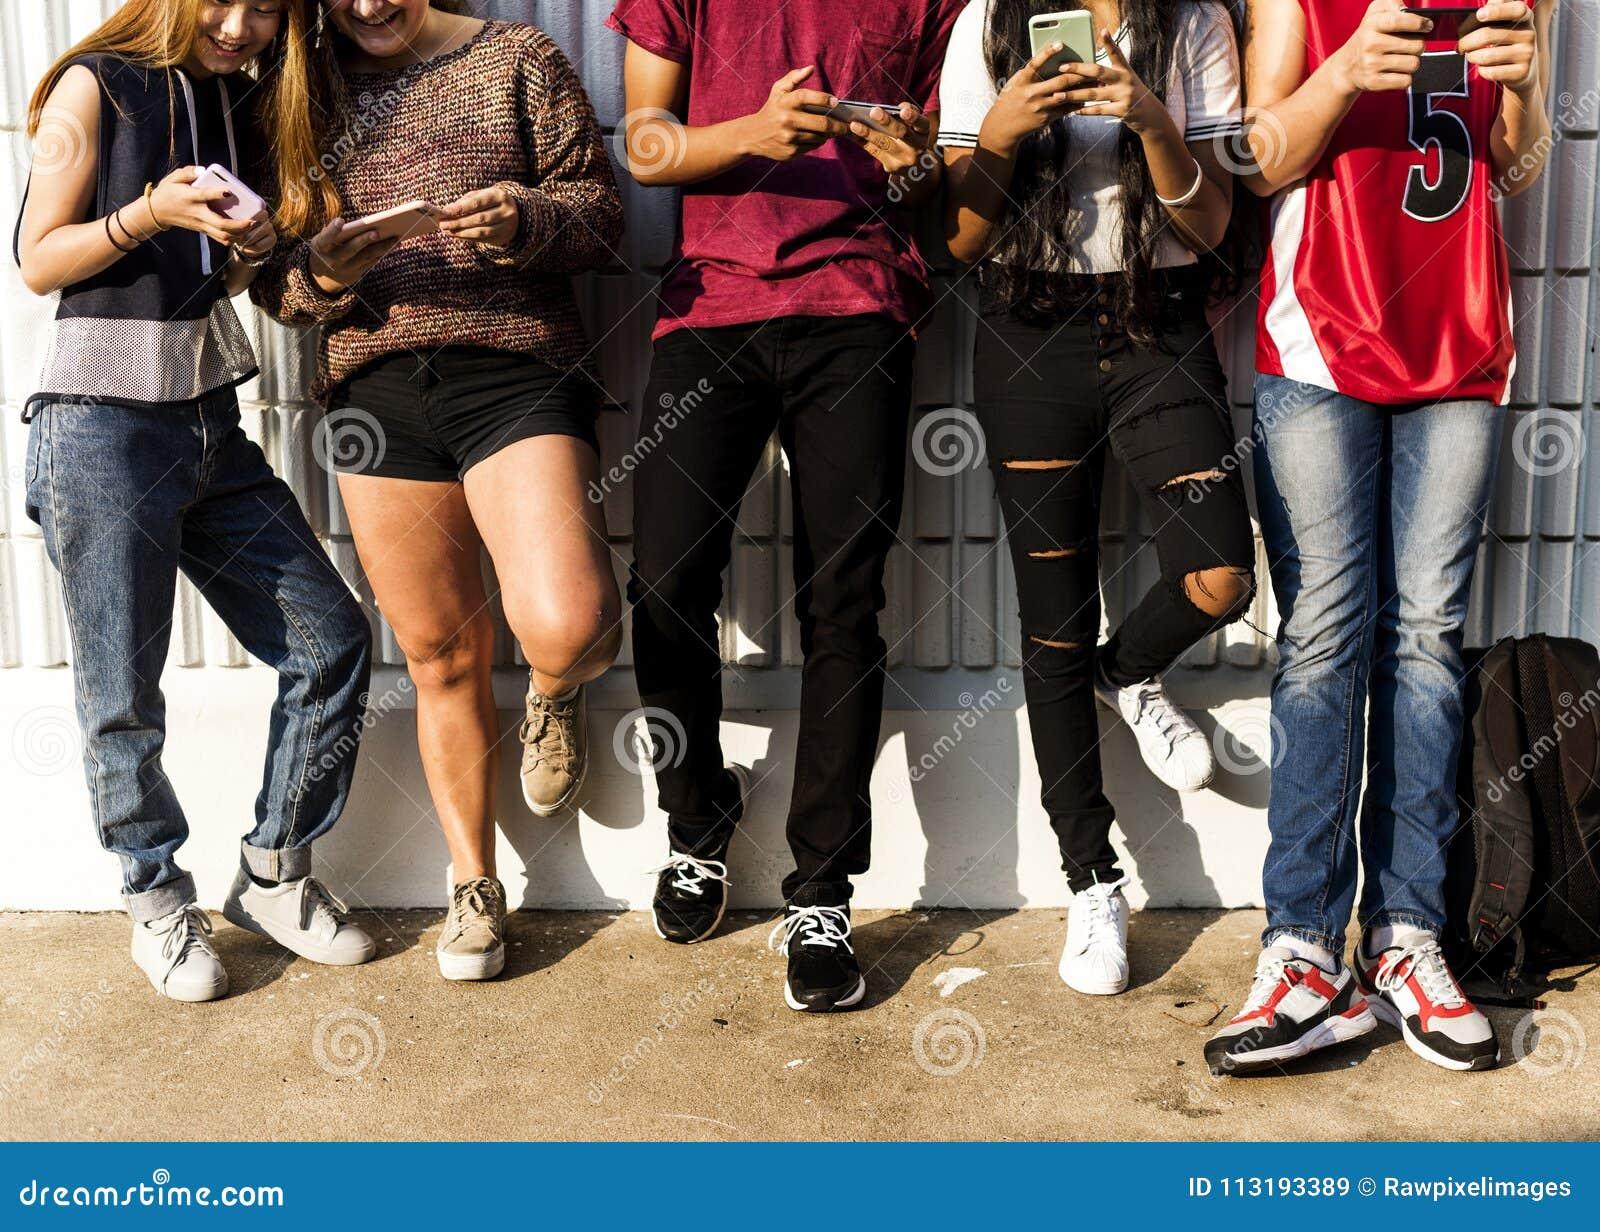 Groep jonge tienervrienden die samen uit het hanteren van smartphone sociaal media concept koelen